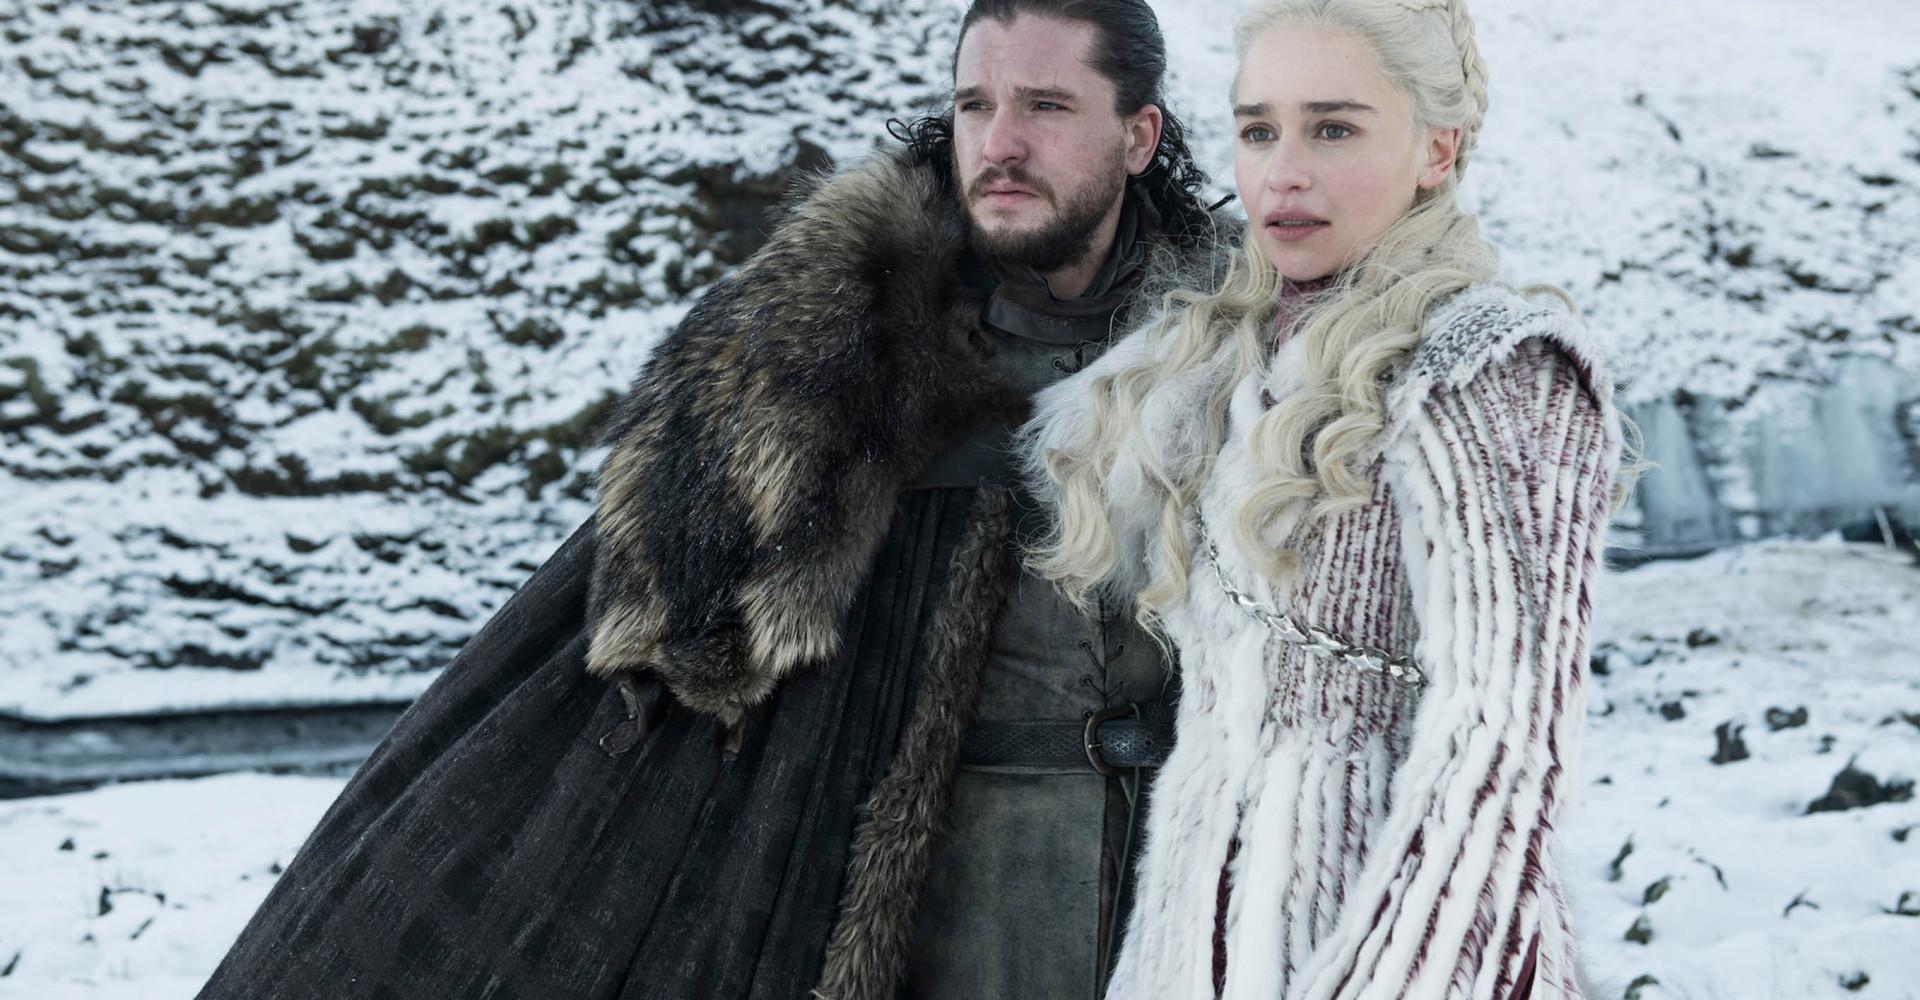 Jon Snow é favorito ao trono de 'Game of Thrones' nas casas de aposta